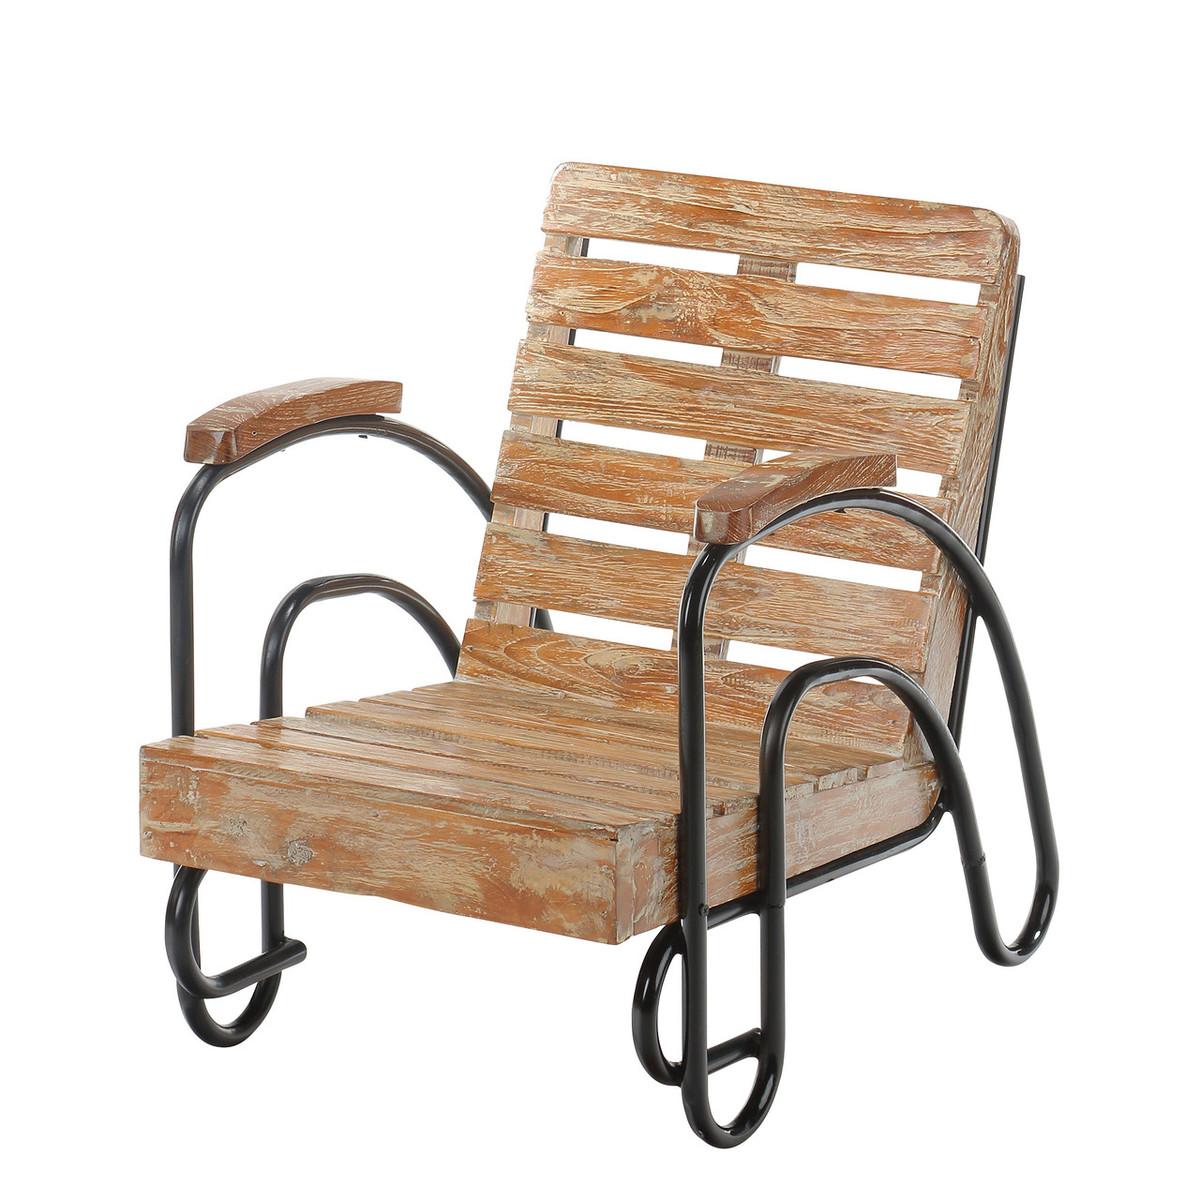 Kids Wood Slat Patio Lounge Chair Ja Ch Ws Kd Joseph Allen